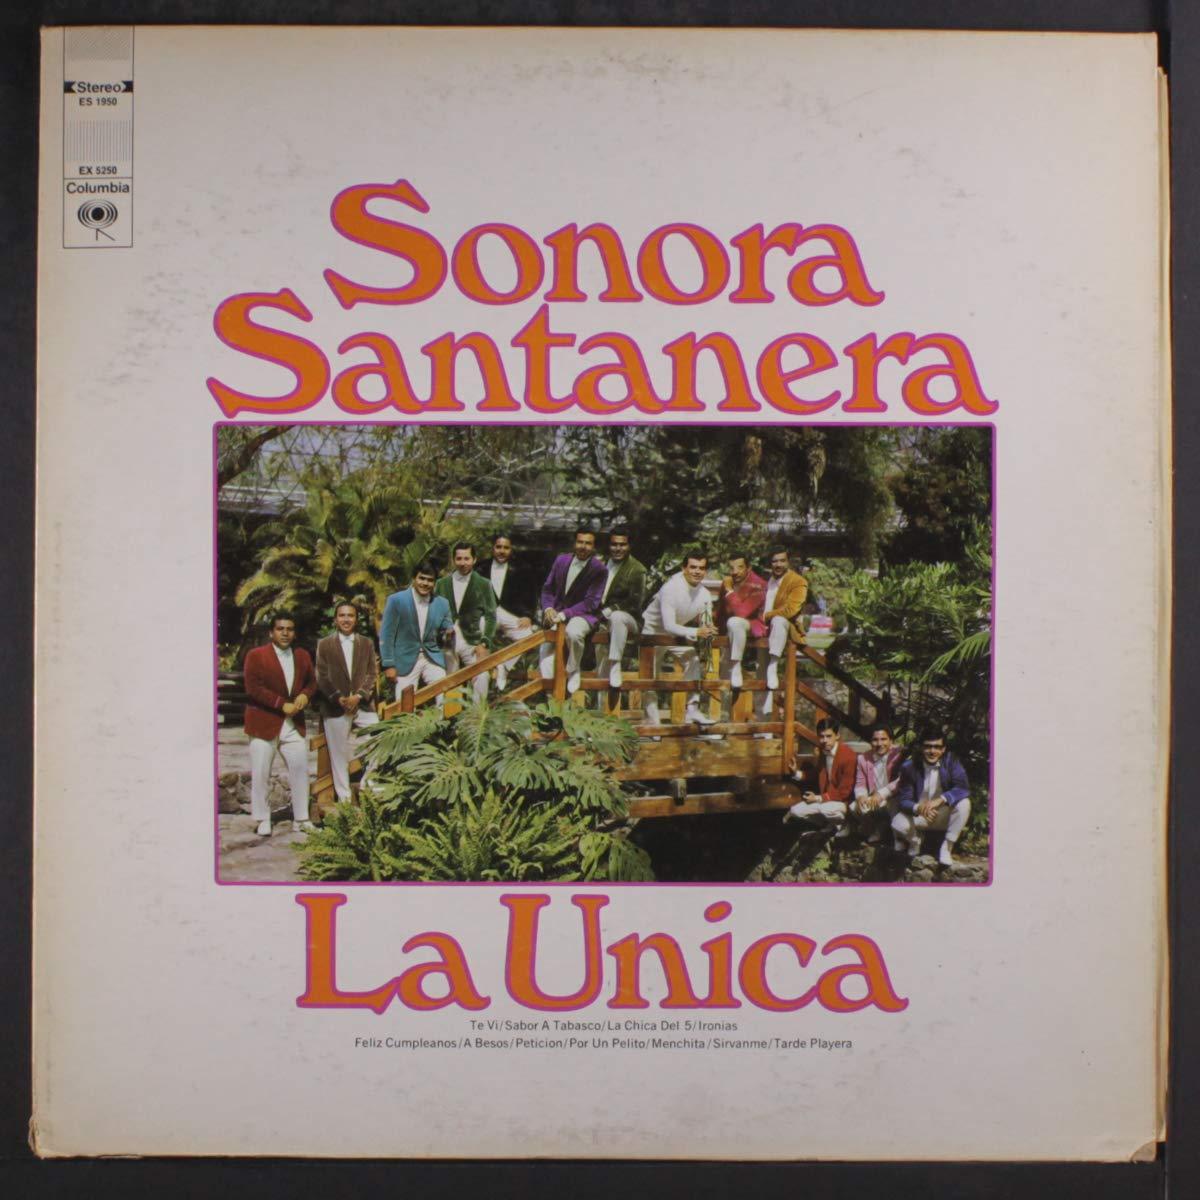 SONORA SANTANERA - la unica LP - Amazon.com Music